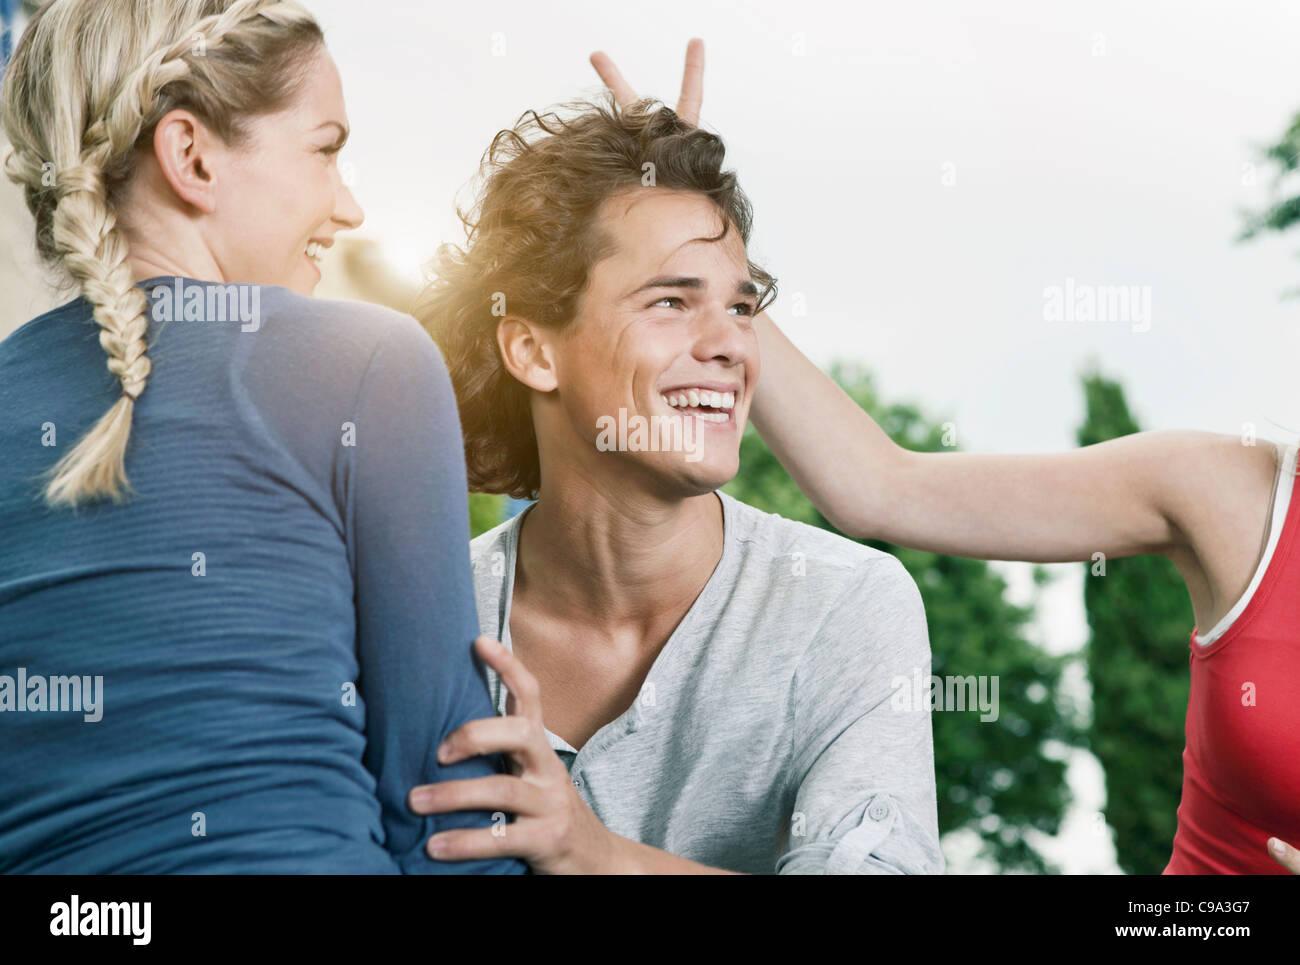 L'Italia, Toscana, Magliano, giovane uomo e donna avente fun, sorridente Immagini Stock